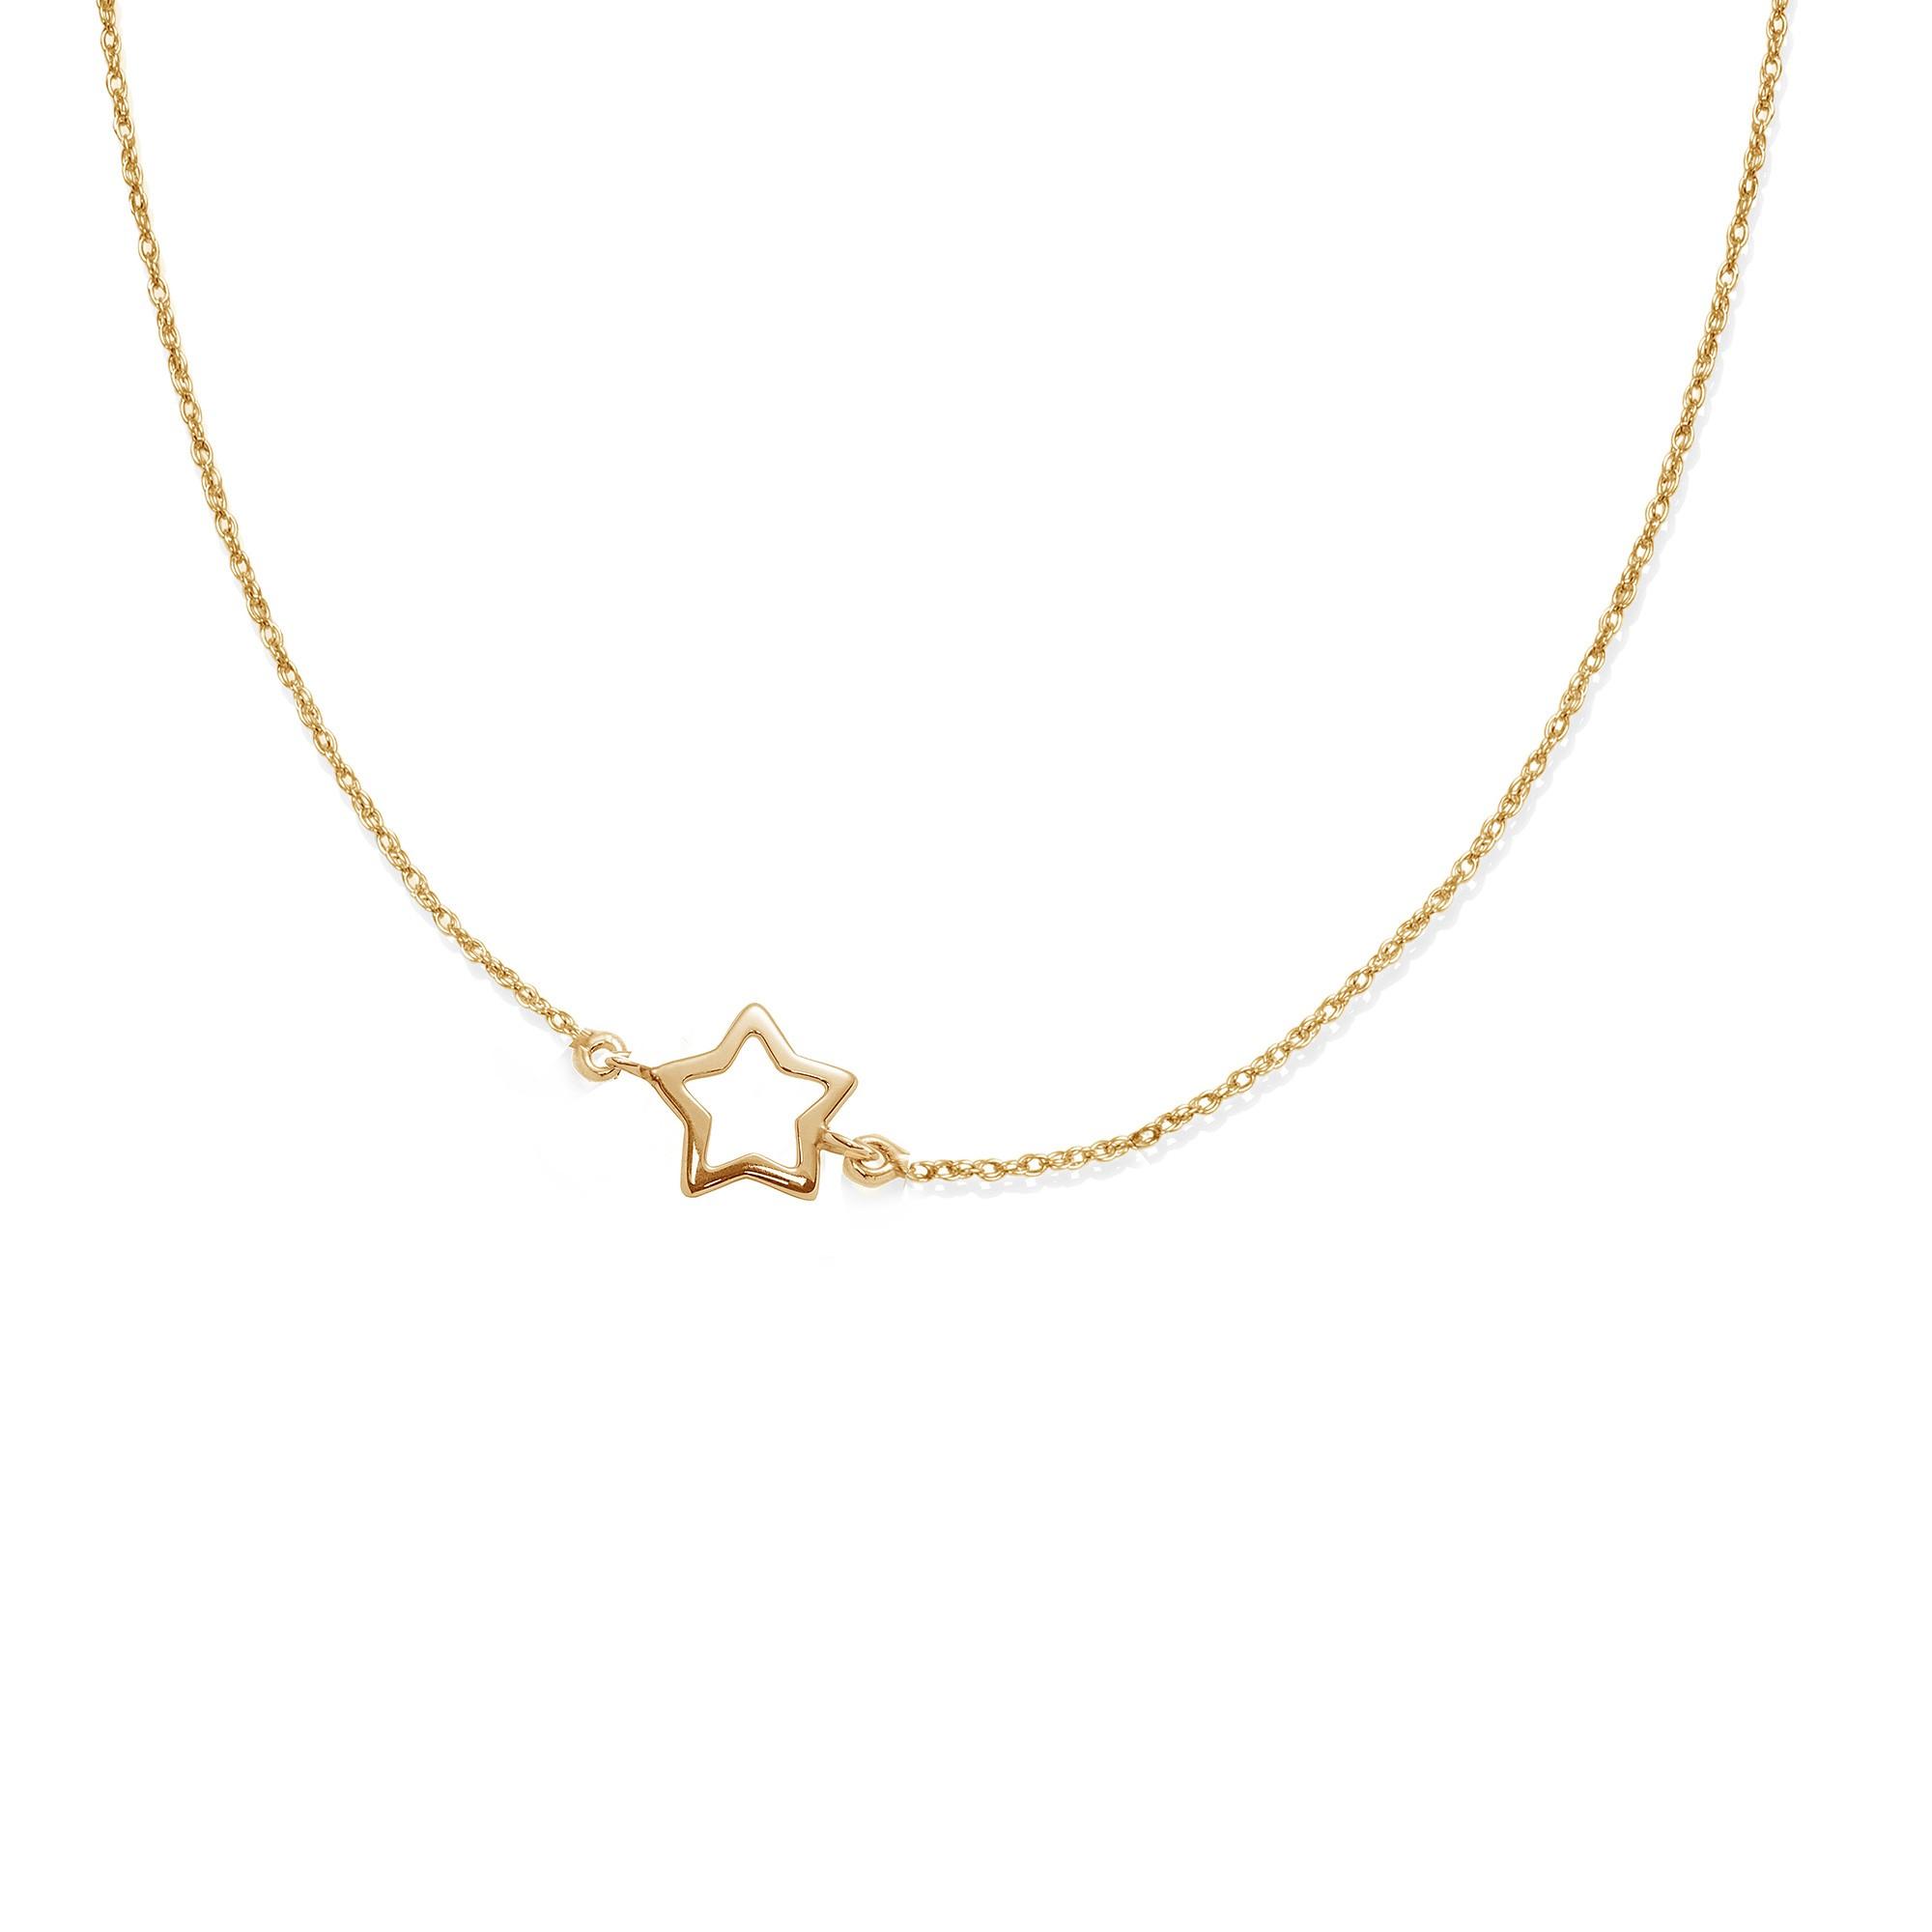 Collier chaîne avec une étoile ajourée plaquée or